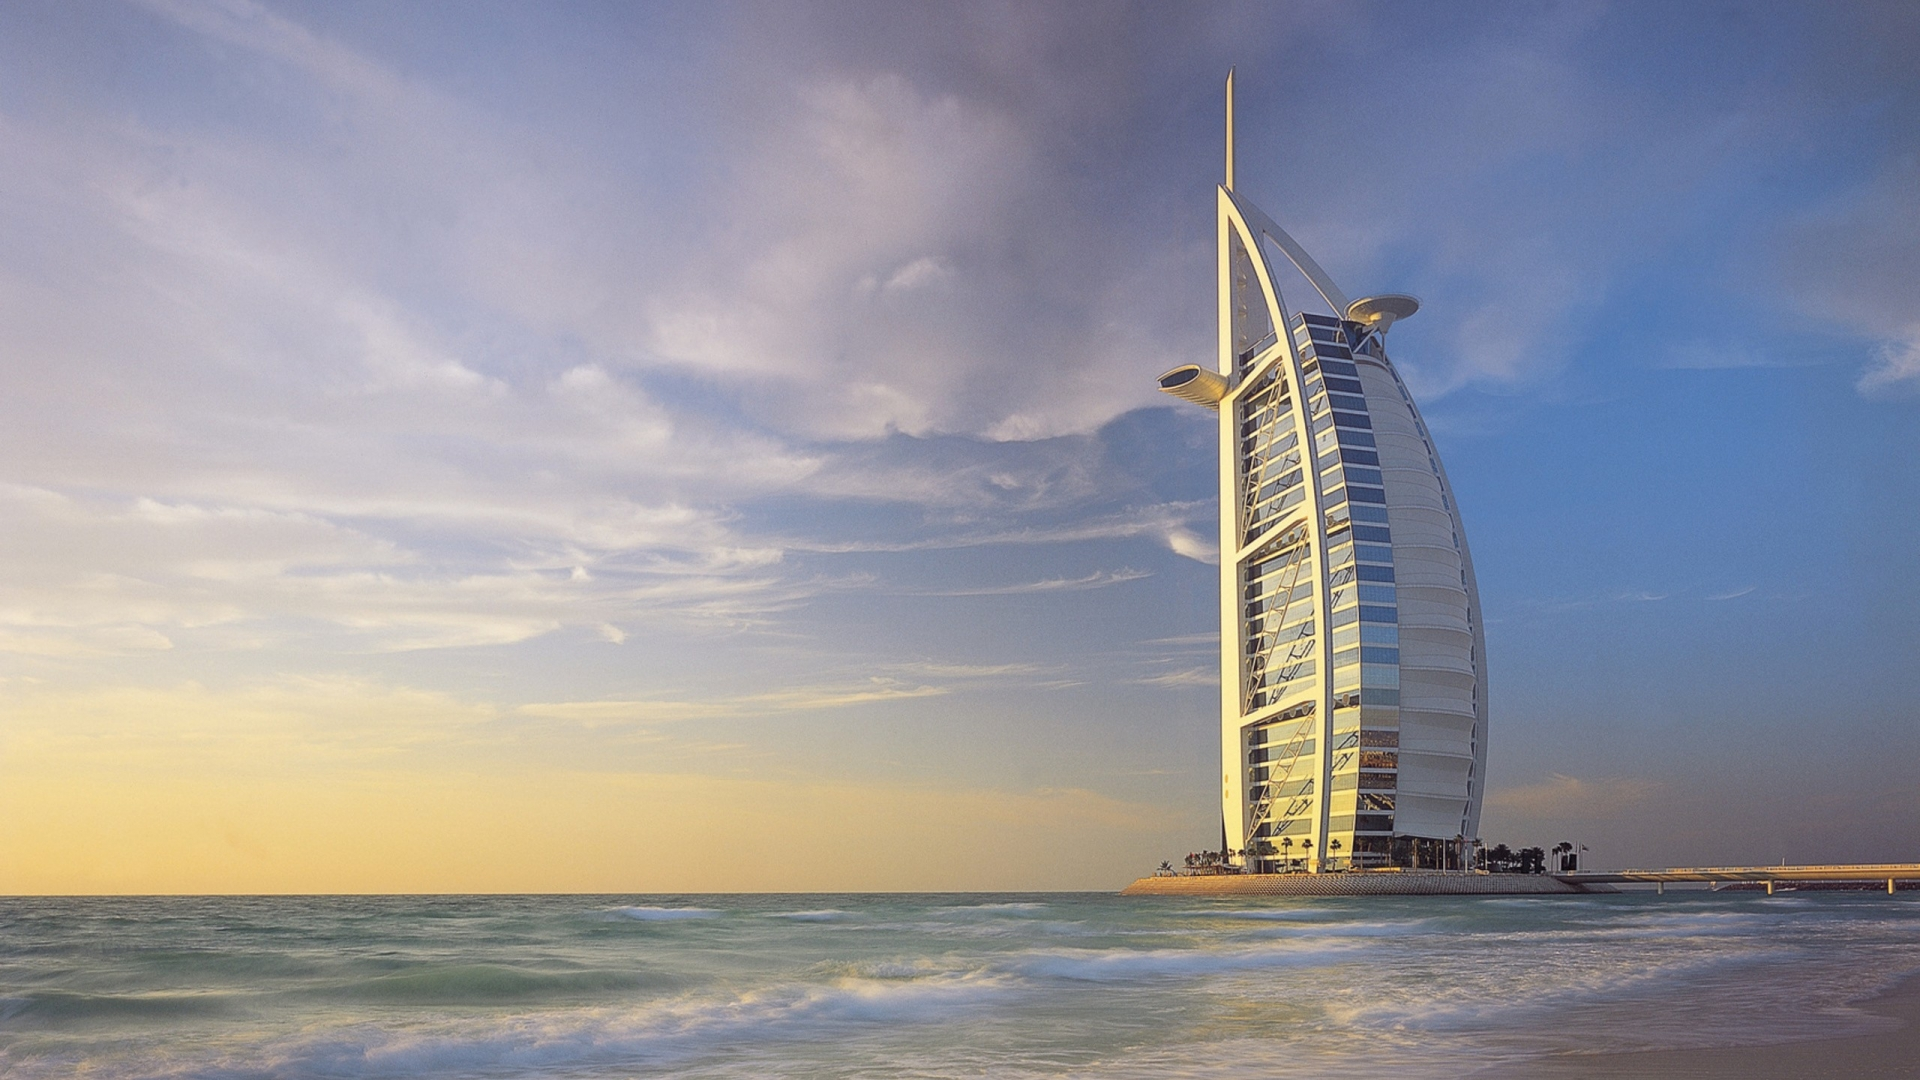 Dubai playas - 1920x1080